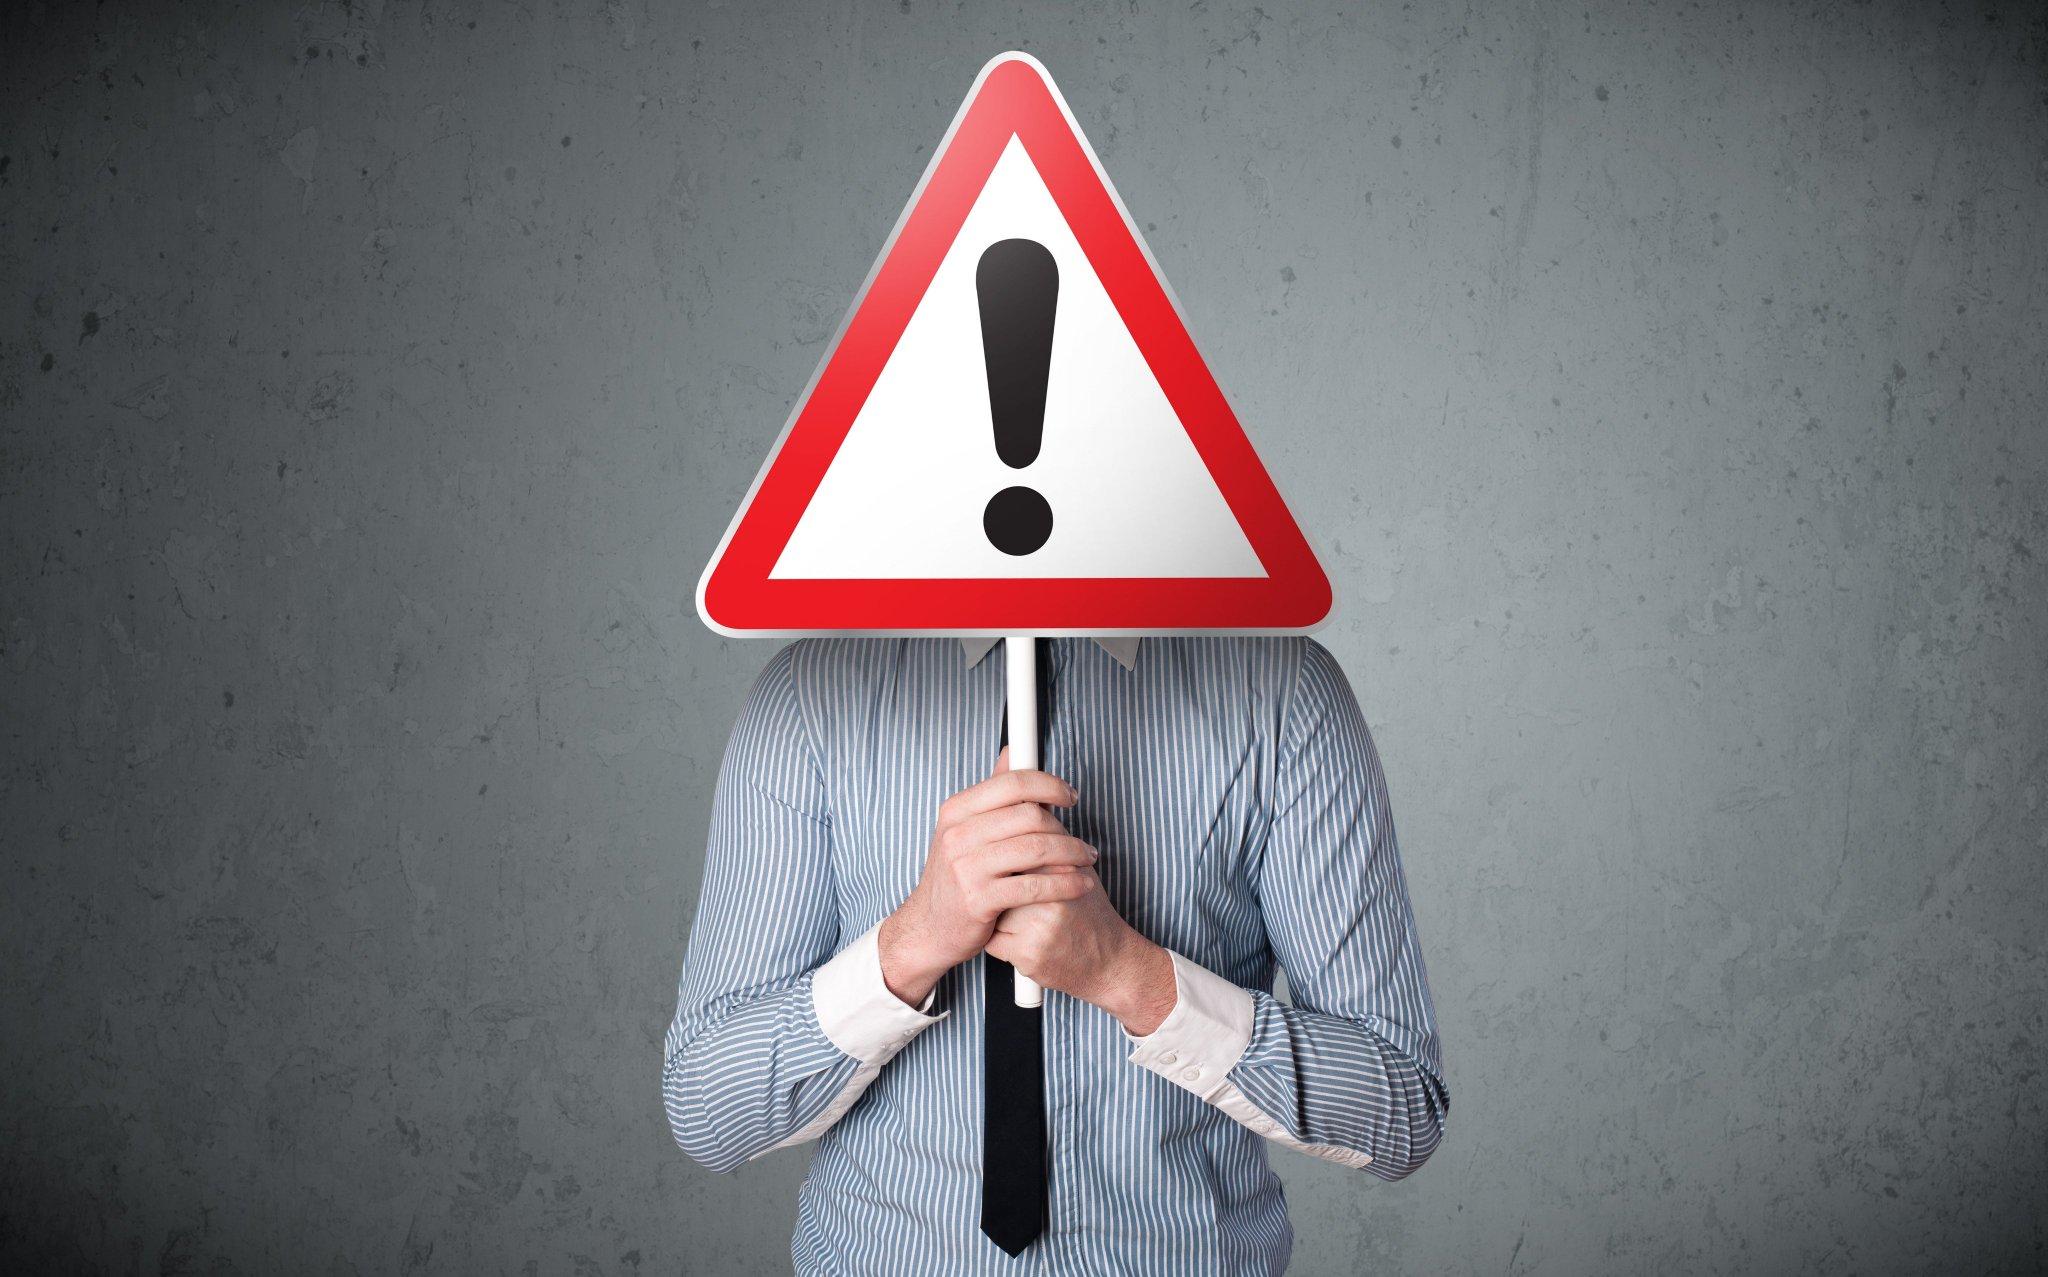 Roze: предупреждения от создателей WordPress темы